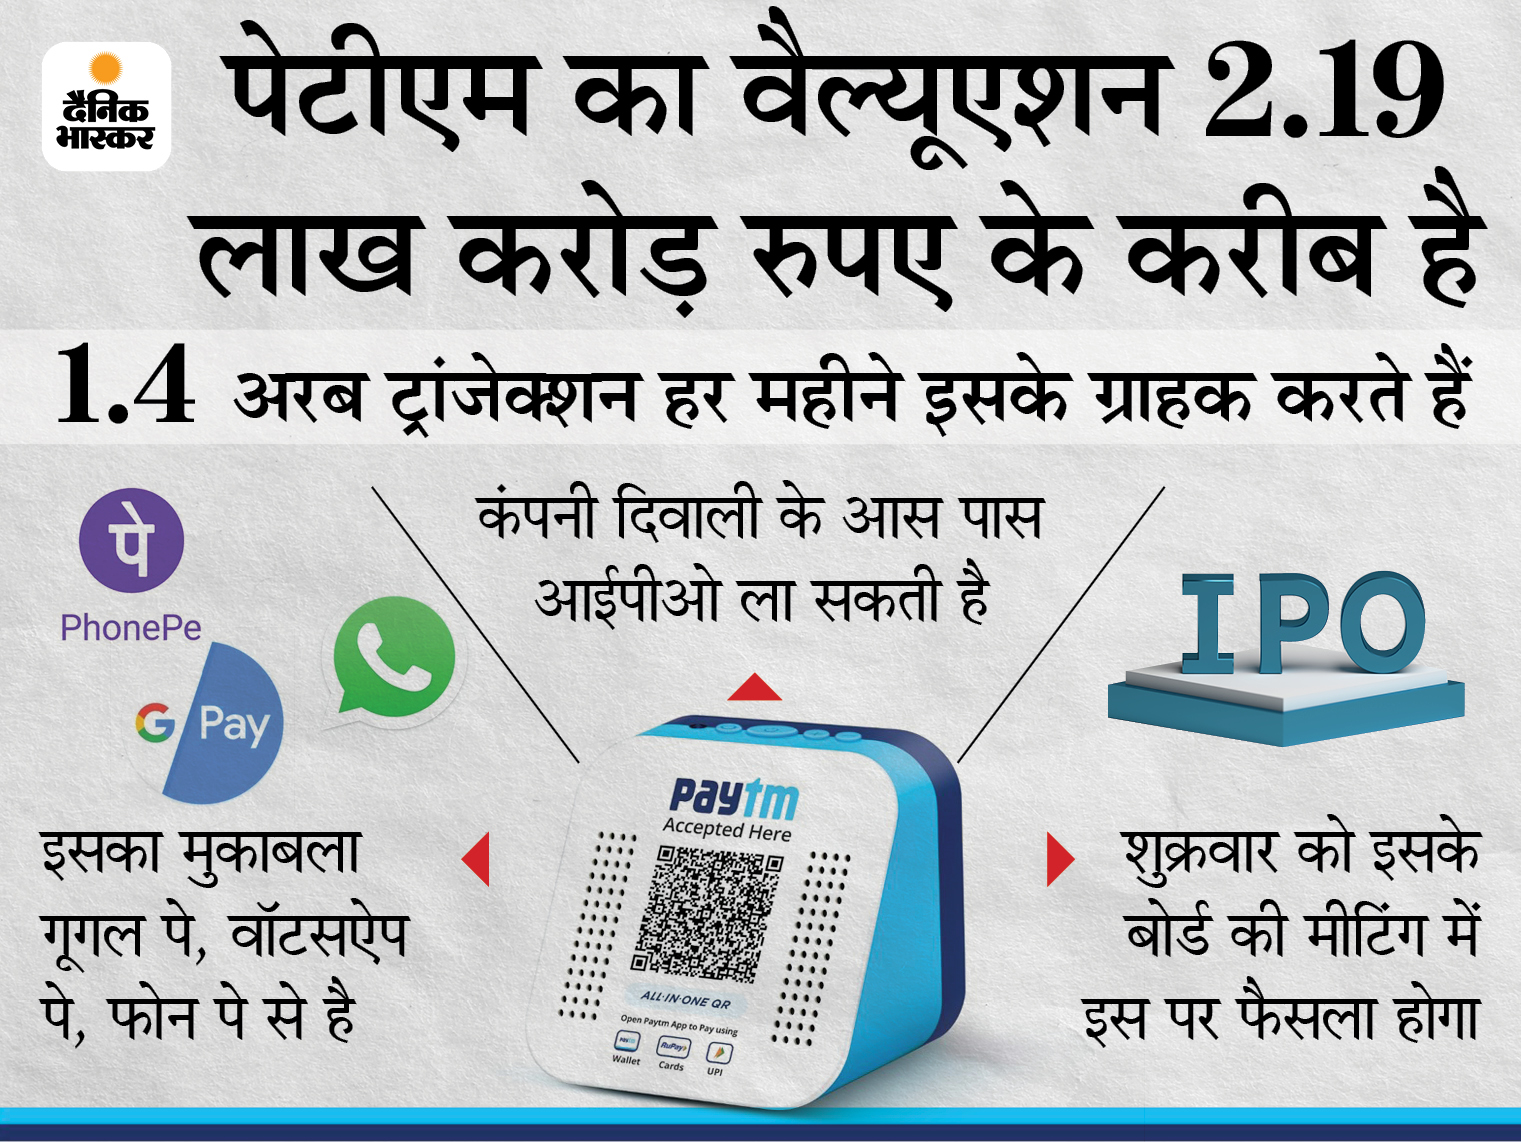 पेटीएम इस साल बाजार में होगी लिस्ट, LIC से पहले आया तो सबसे बडा IPO होगा|बिजनेस,Business - Dainik Bhaskar